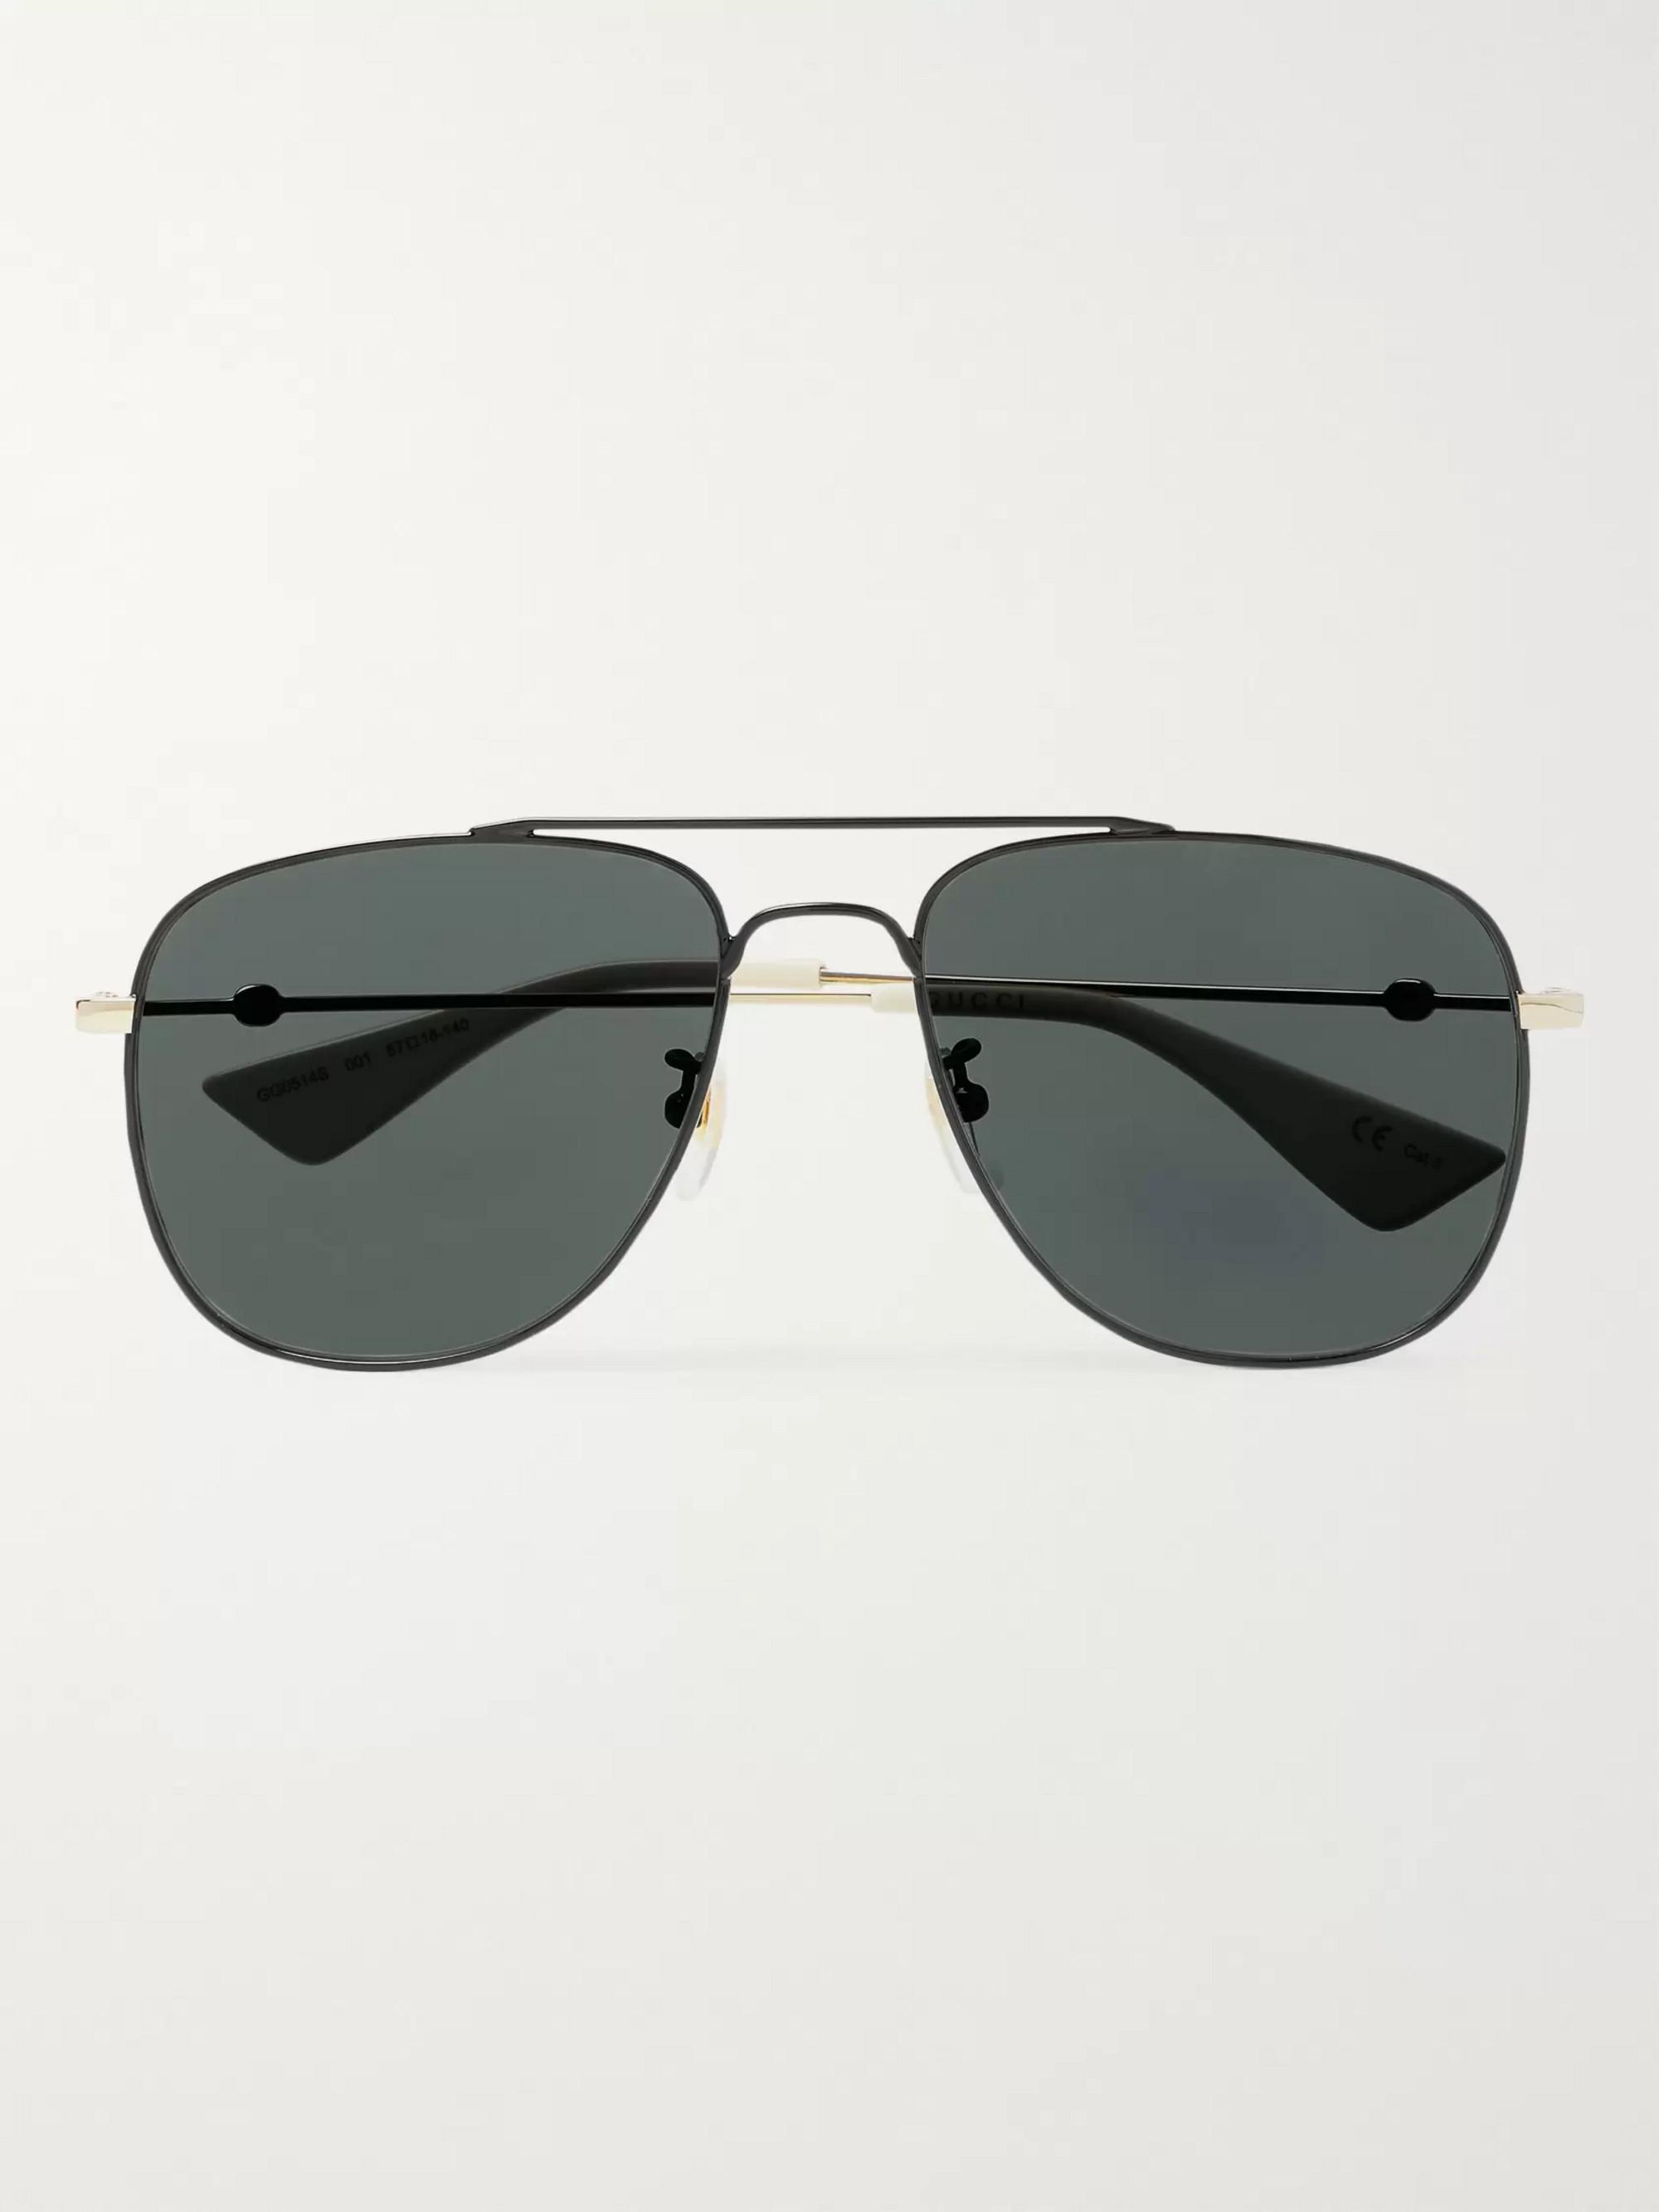 dd947a45d1b0 Sunglasses for Men | Designer Accessories | MR PORTER